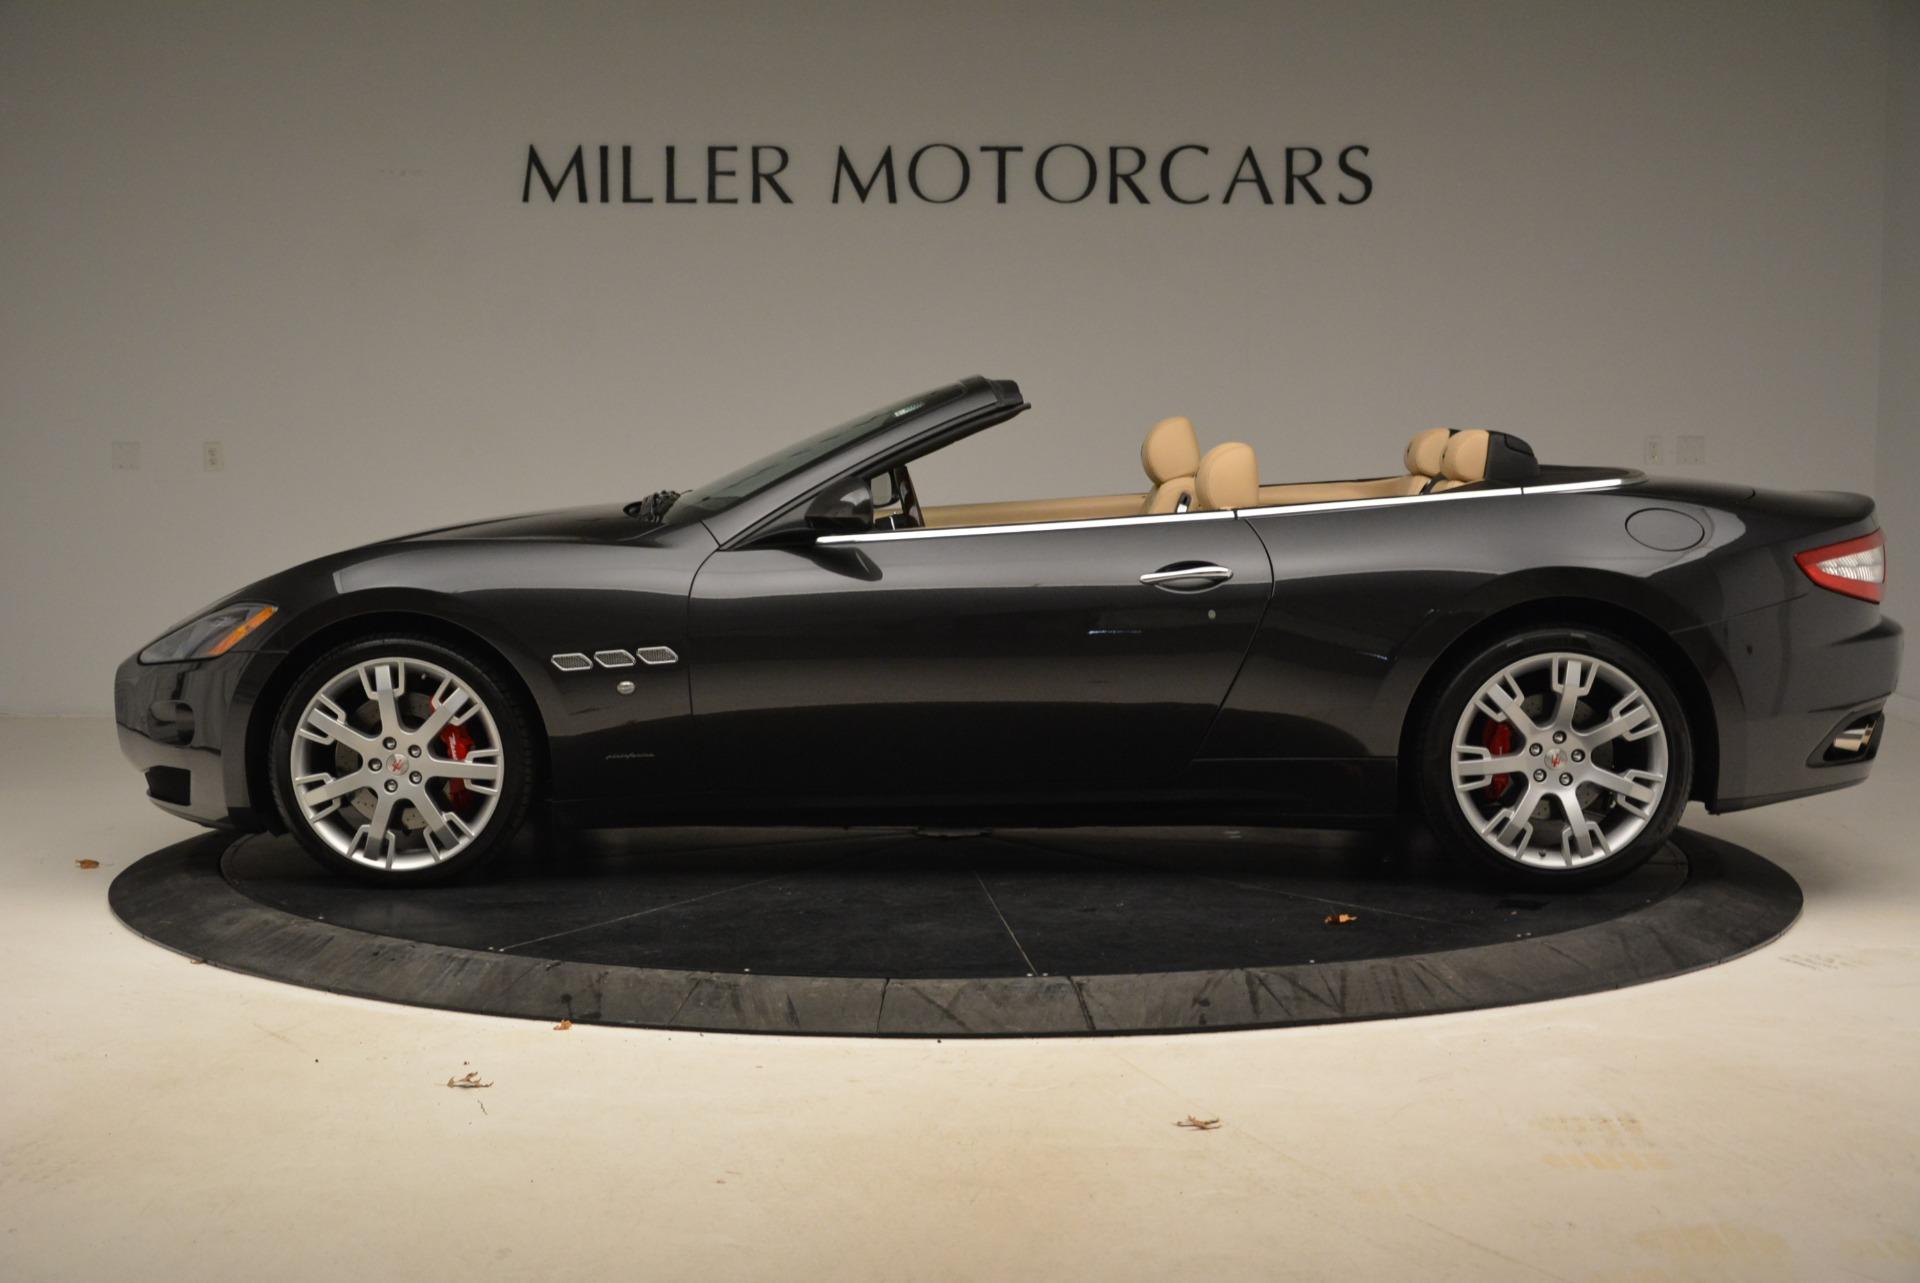 Used 2013 Maserati GranTurismo Convertible  For Sale In Greenwich, CT 2050_p3